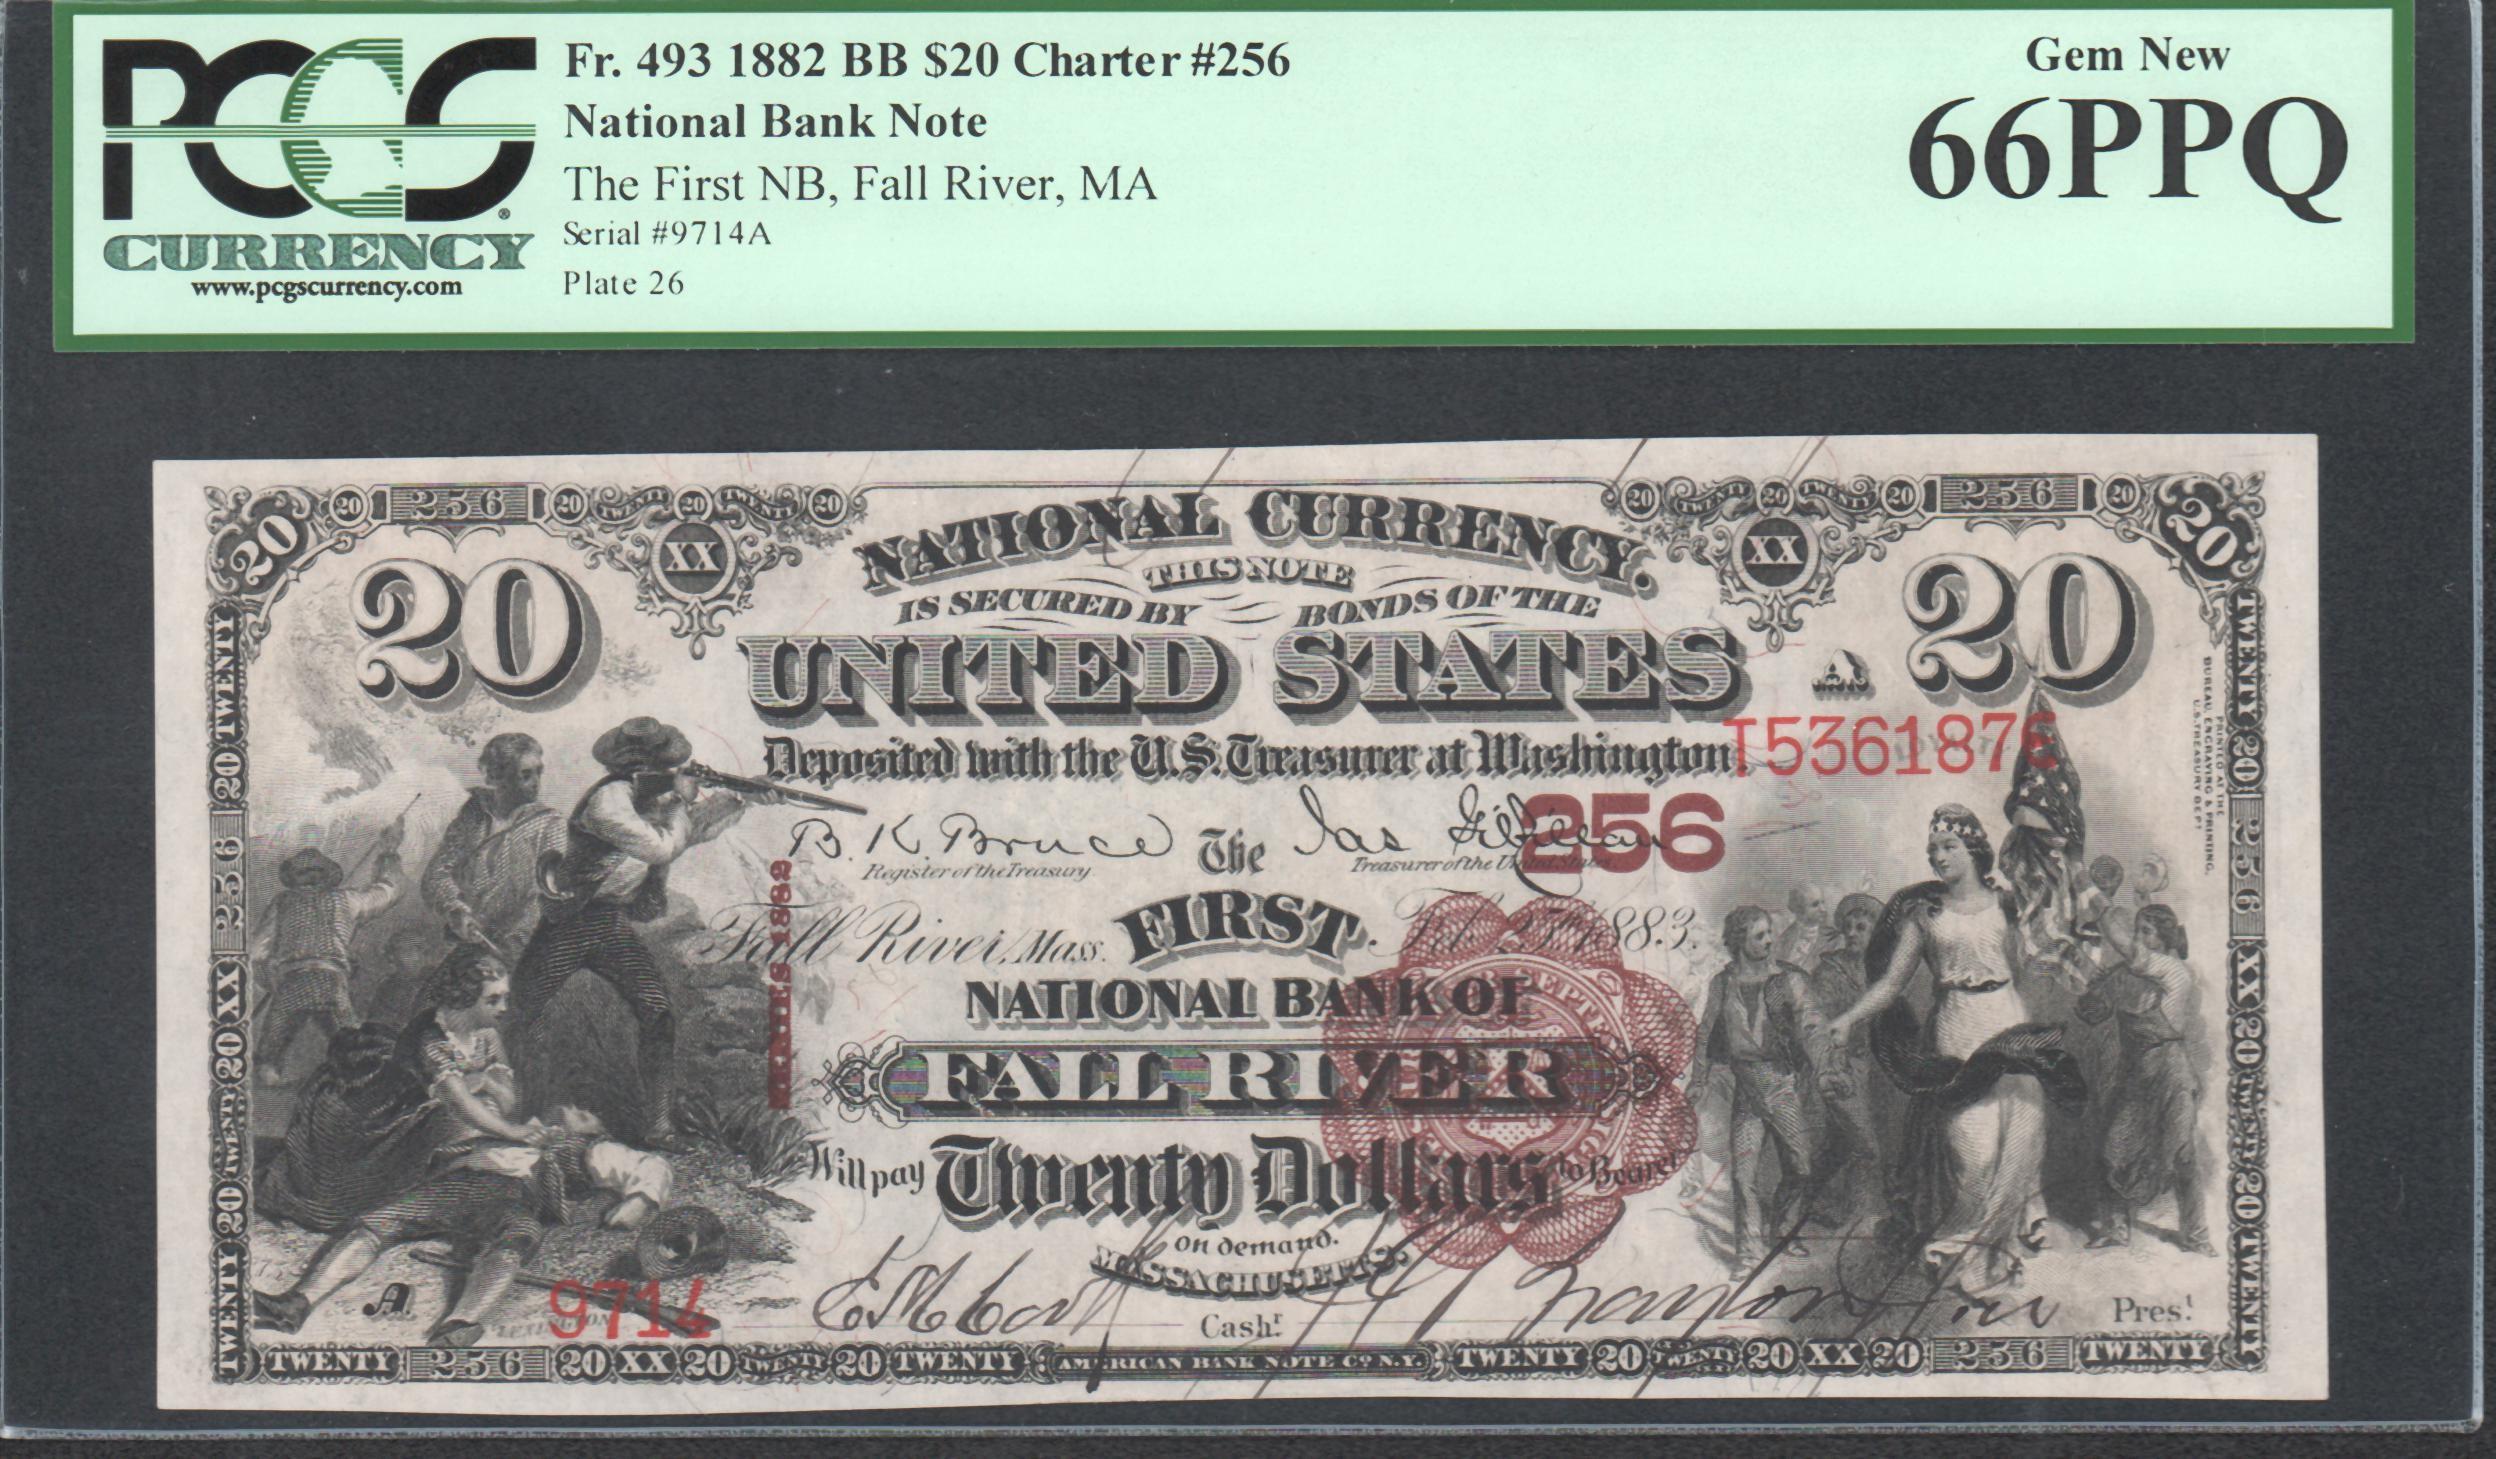 NBN 1882 BB $20.00 Fall River (66).jpg